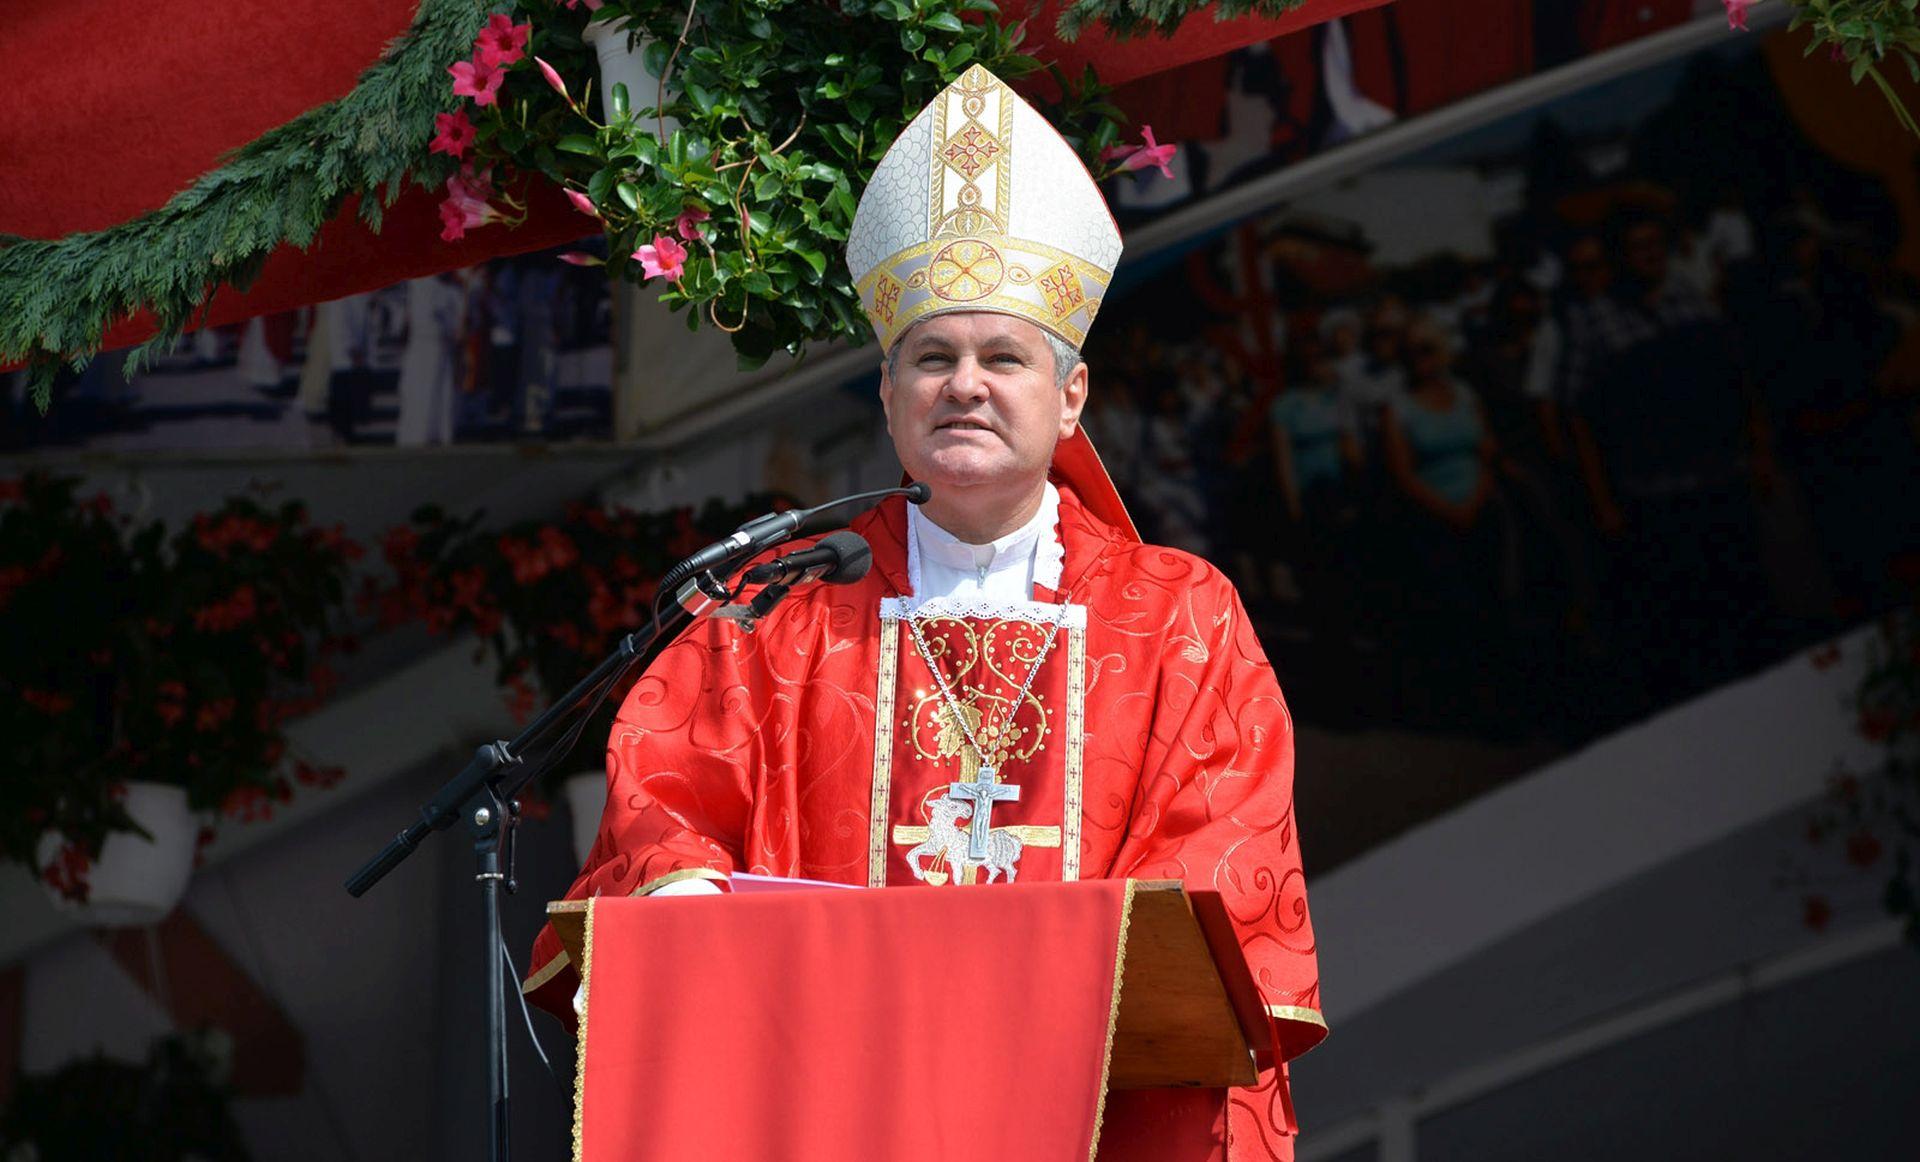 KOŠIĆ 'Sisačka vlast zabranila postavljanje spomenika kardinalu Stepincu ispred sjedišta Biskupije'